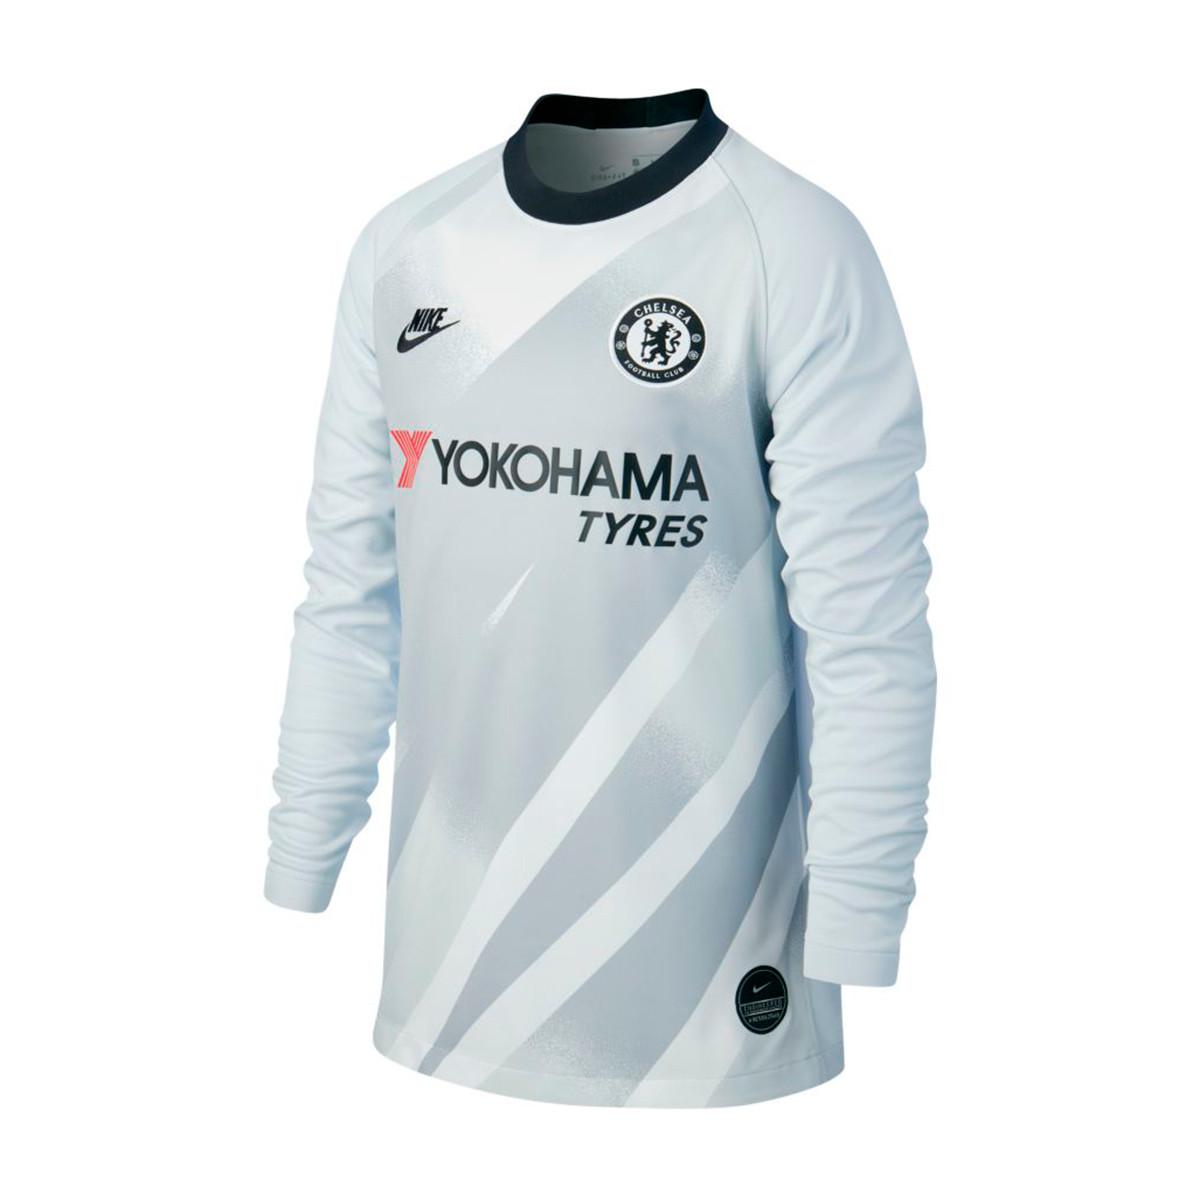 los angeles 12f5c 57e99 Camiseta Chelsea FC Breathe Stadium Portero 2019-2020 Niño CL Pure  platinum-Black